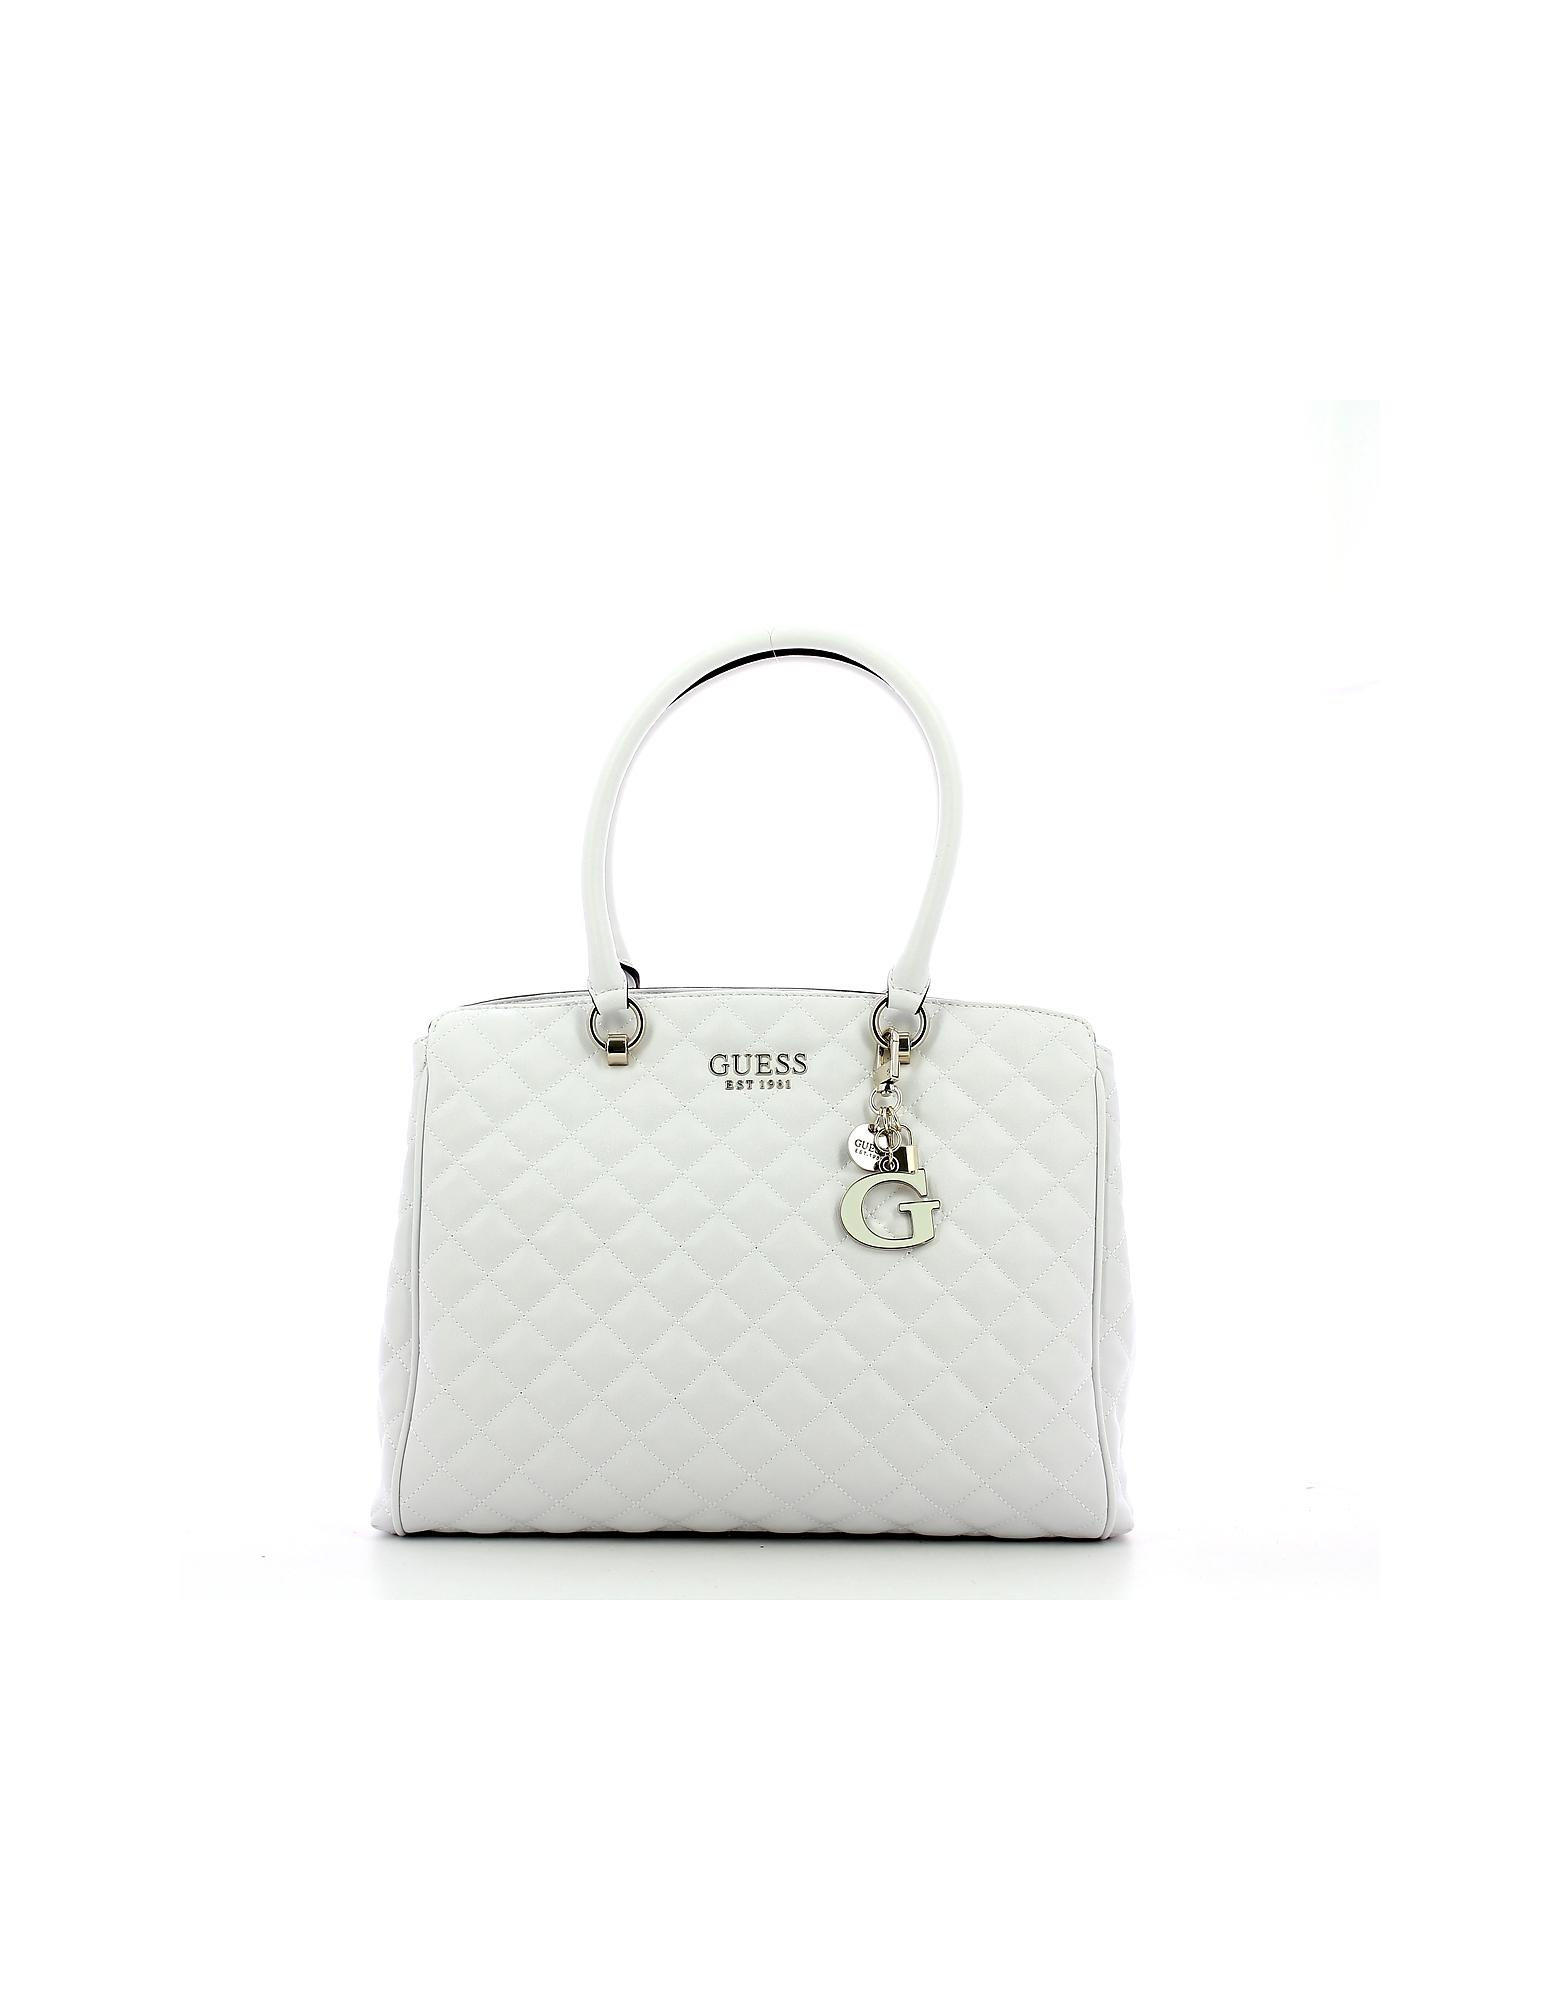 Guess Designer Handbags, Women's White Bag